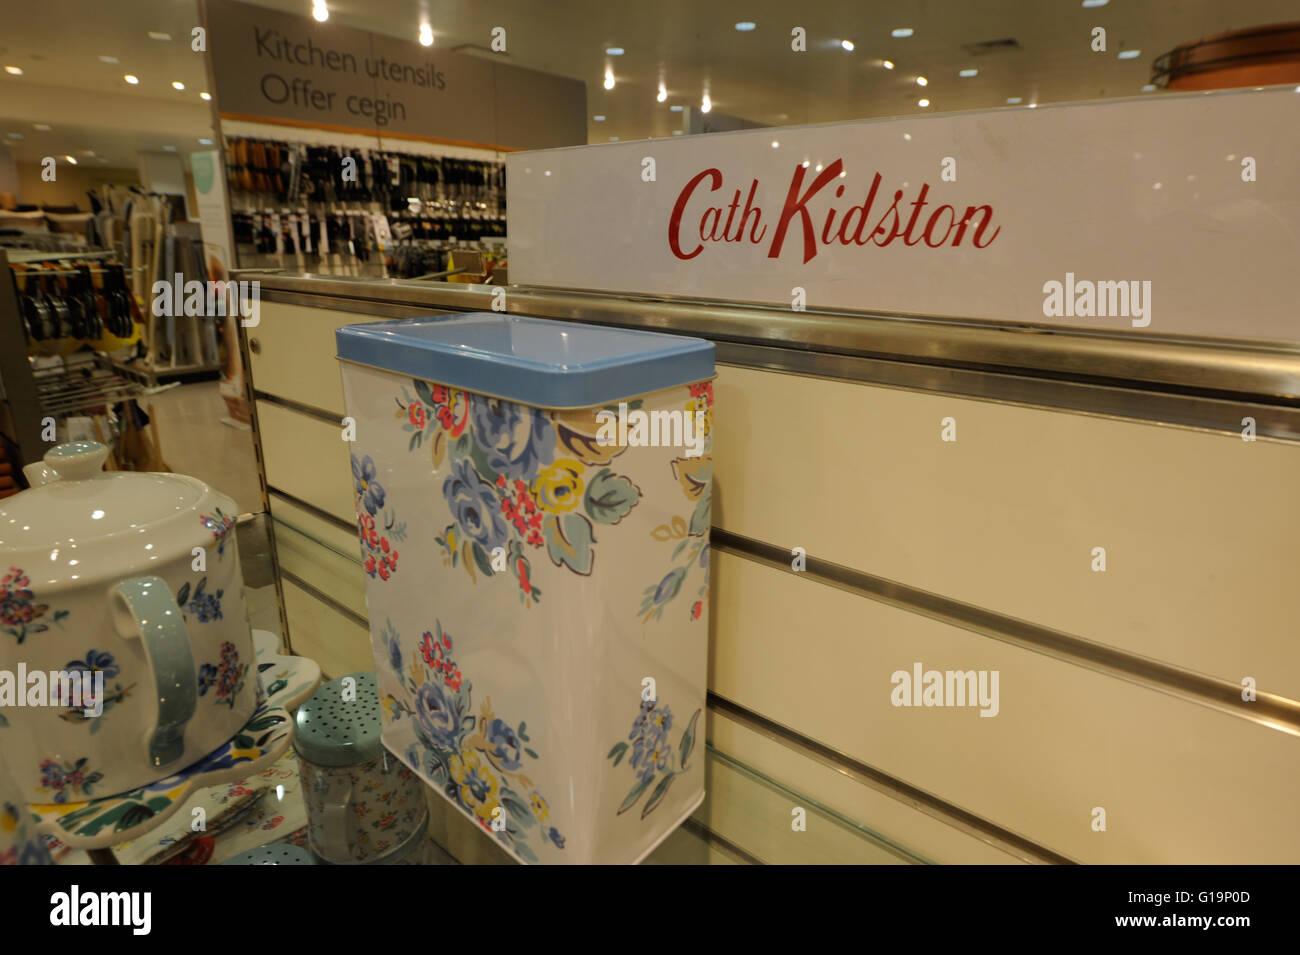 Cath Kidston, Heimtextilien, Einzelhandel, UK Stockbild